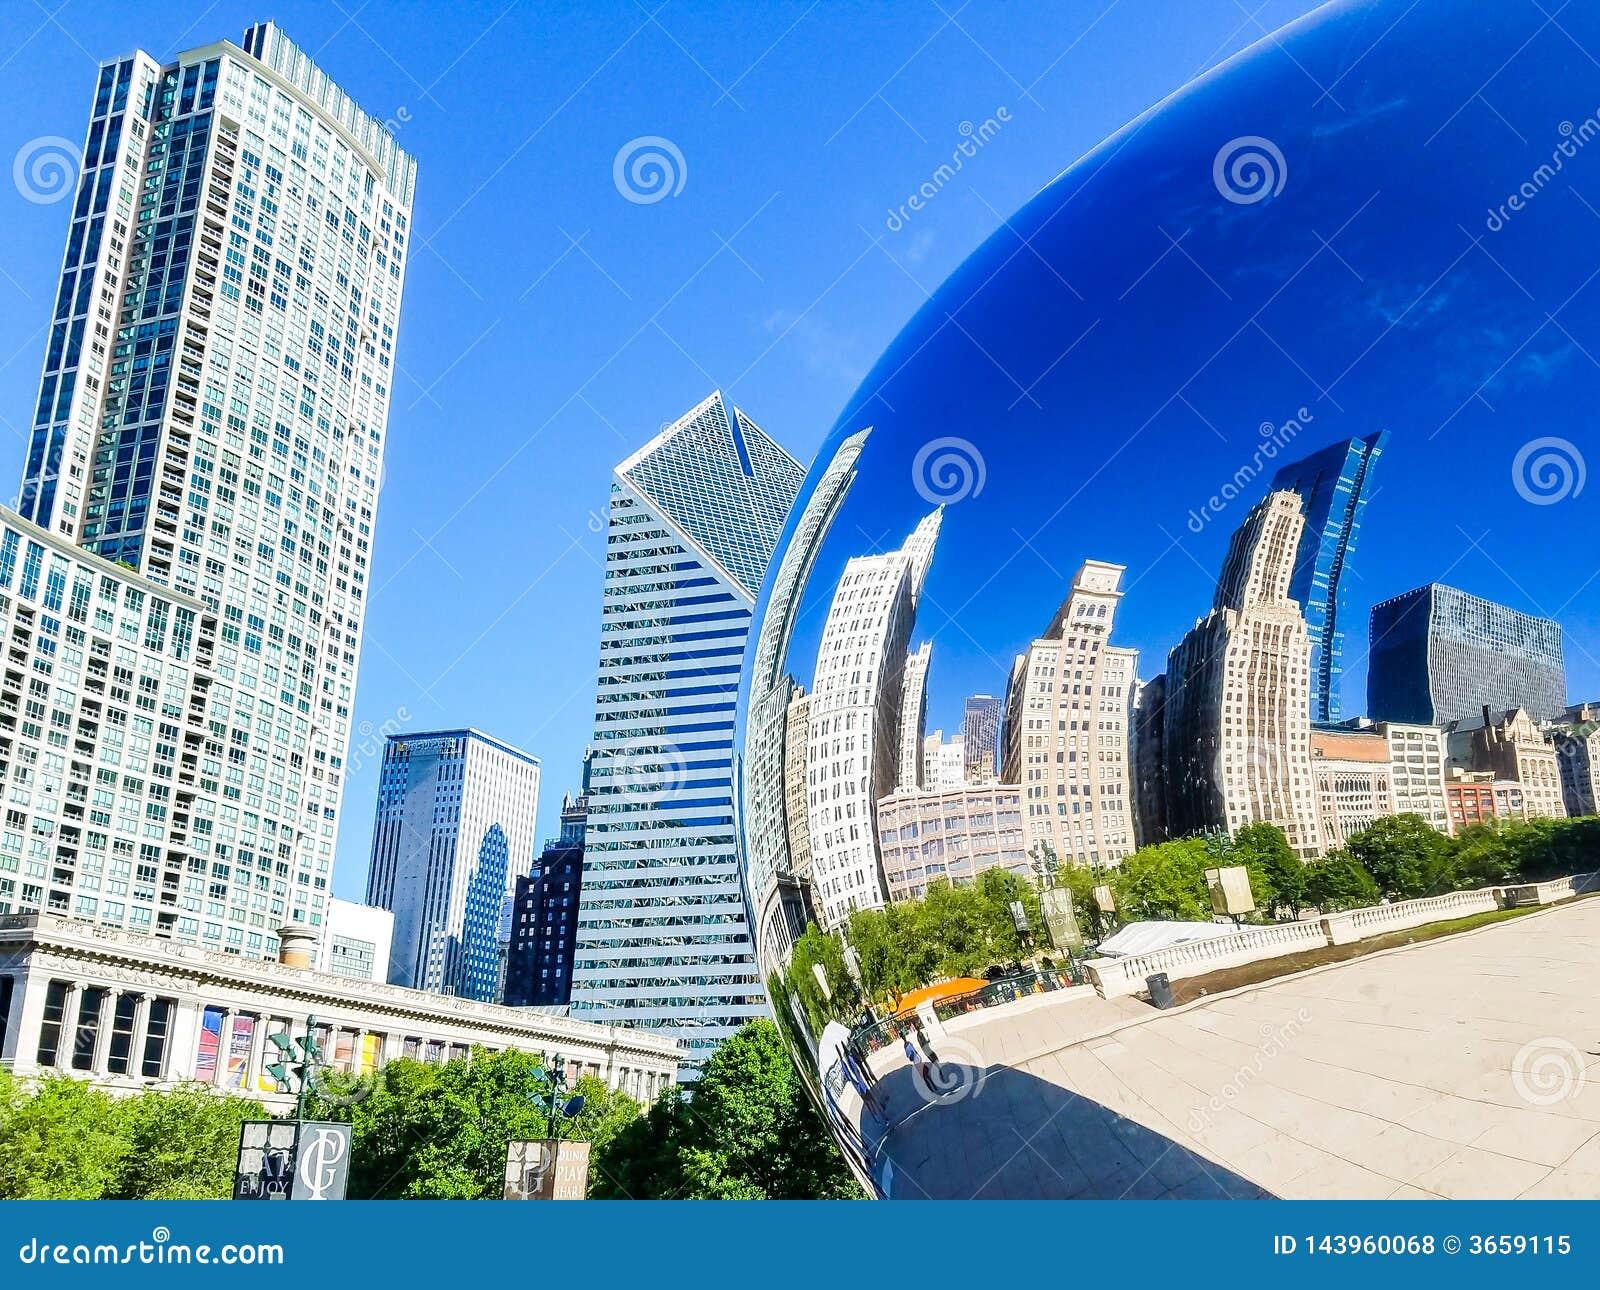 Чiкаго, Иллиноис, США 07 07 2018 Отражение зданий Чикаго в воротах облака фасоли Чикаго